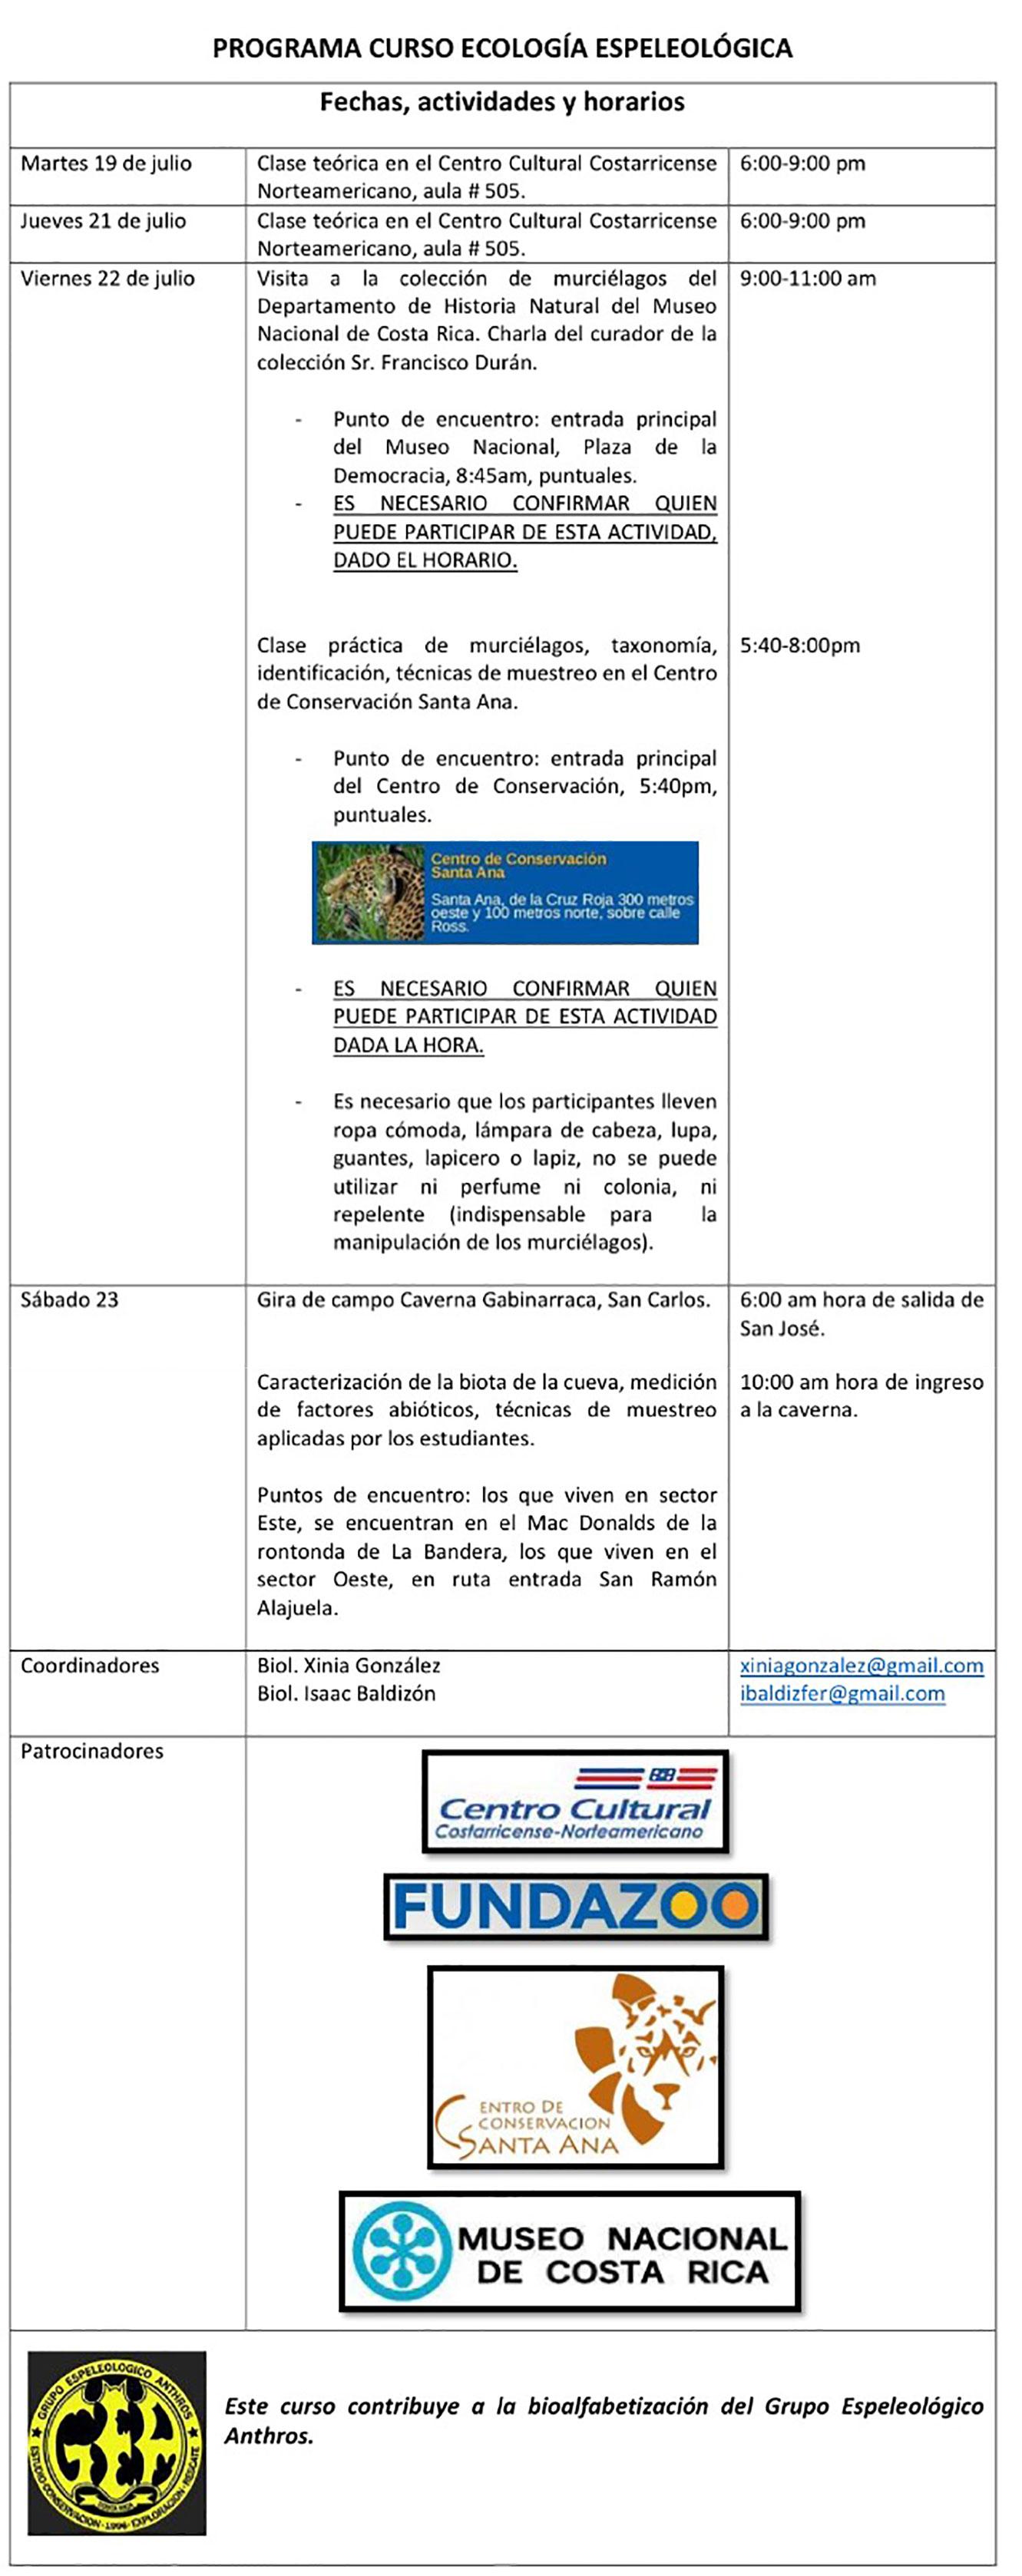 Curso Ecologica Espeleología